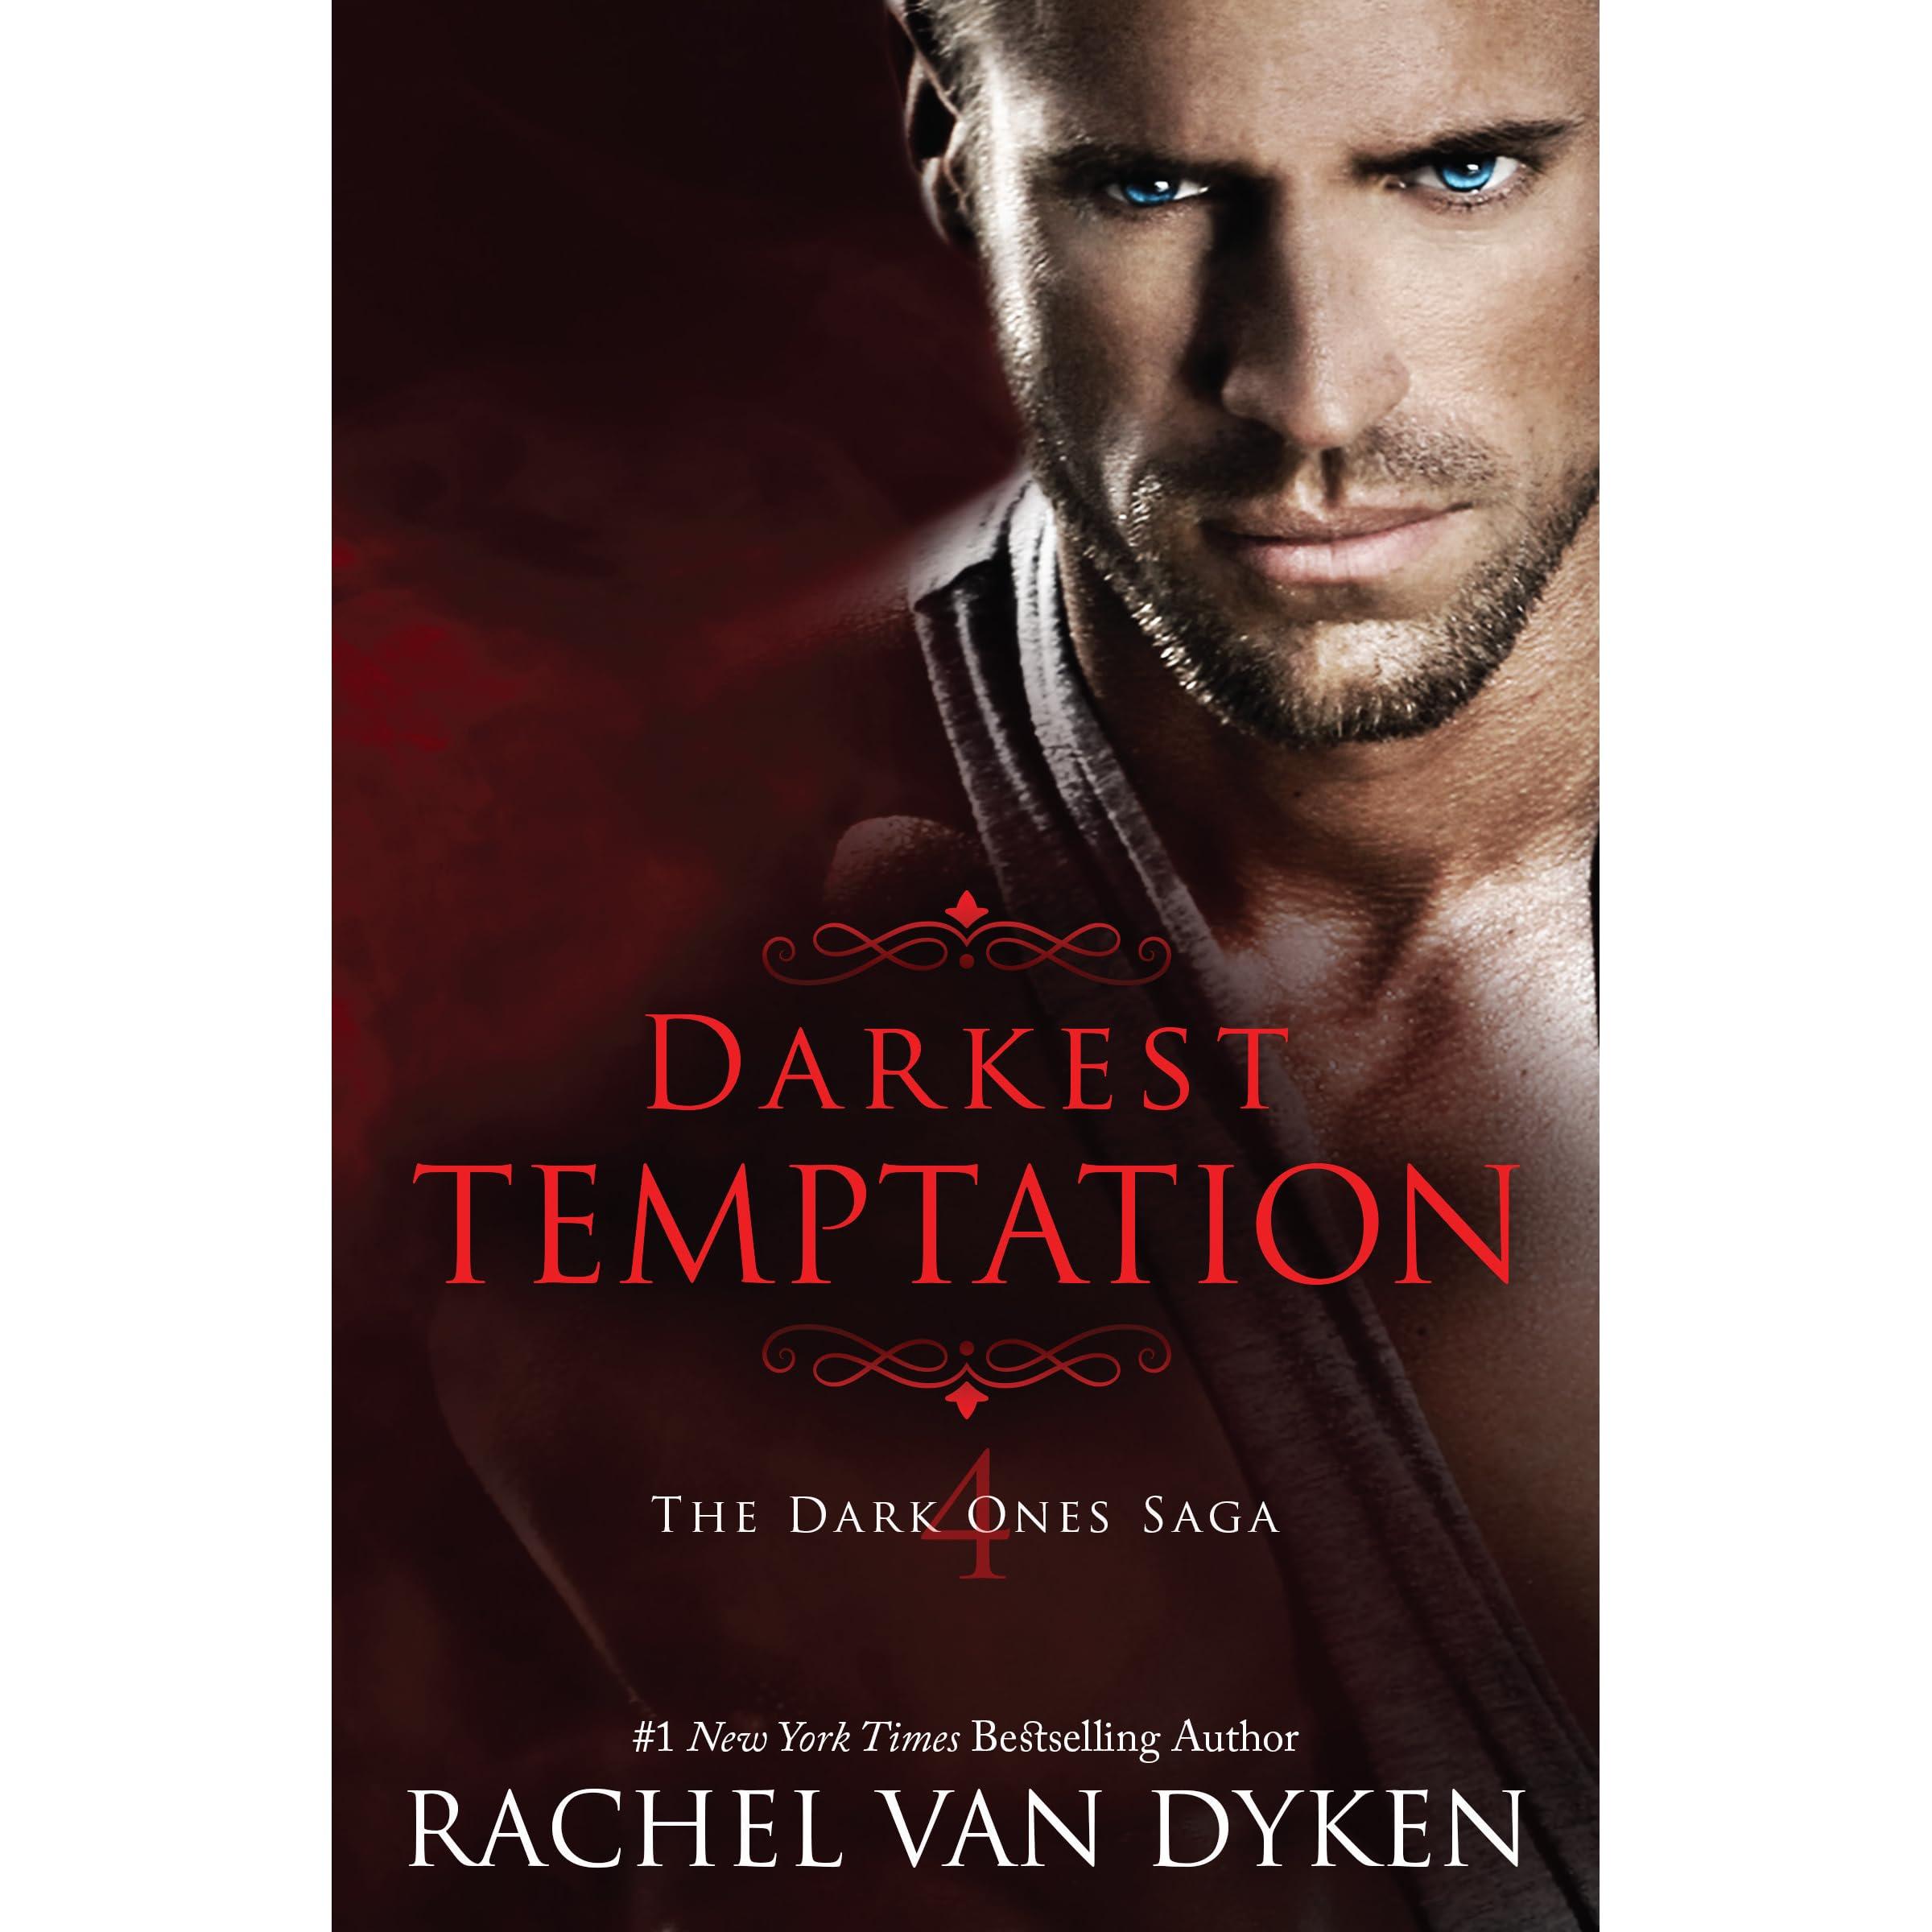 Darkest temptation the dark ones saga 4 by rachel van dyken fandeluxe Document